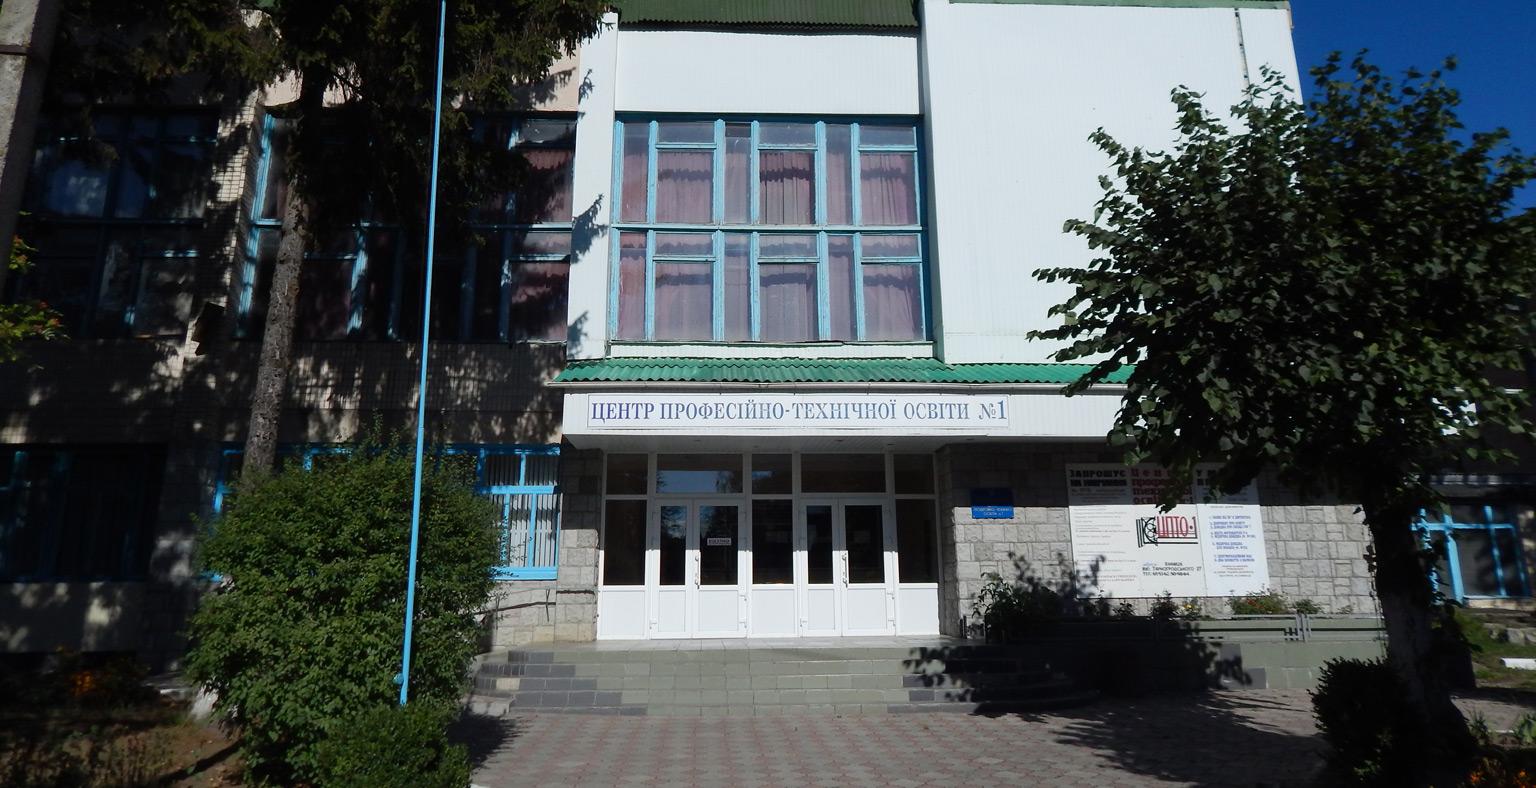 Ласкаво просимо в Центр професійно-технічної освіти №1 м.Вінниці